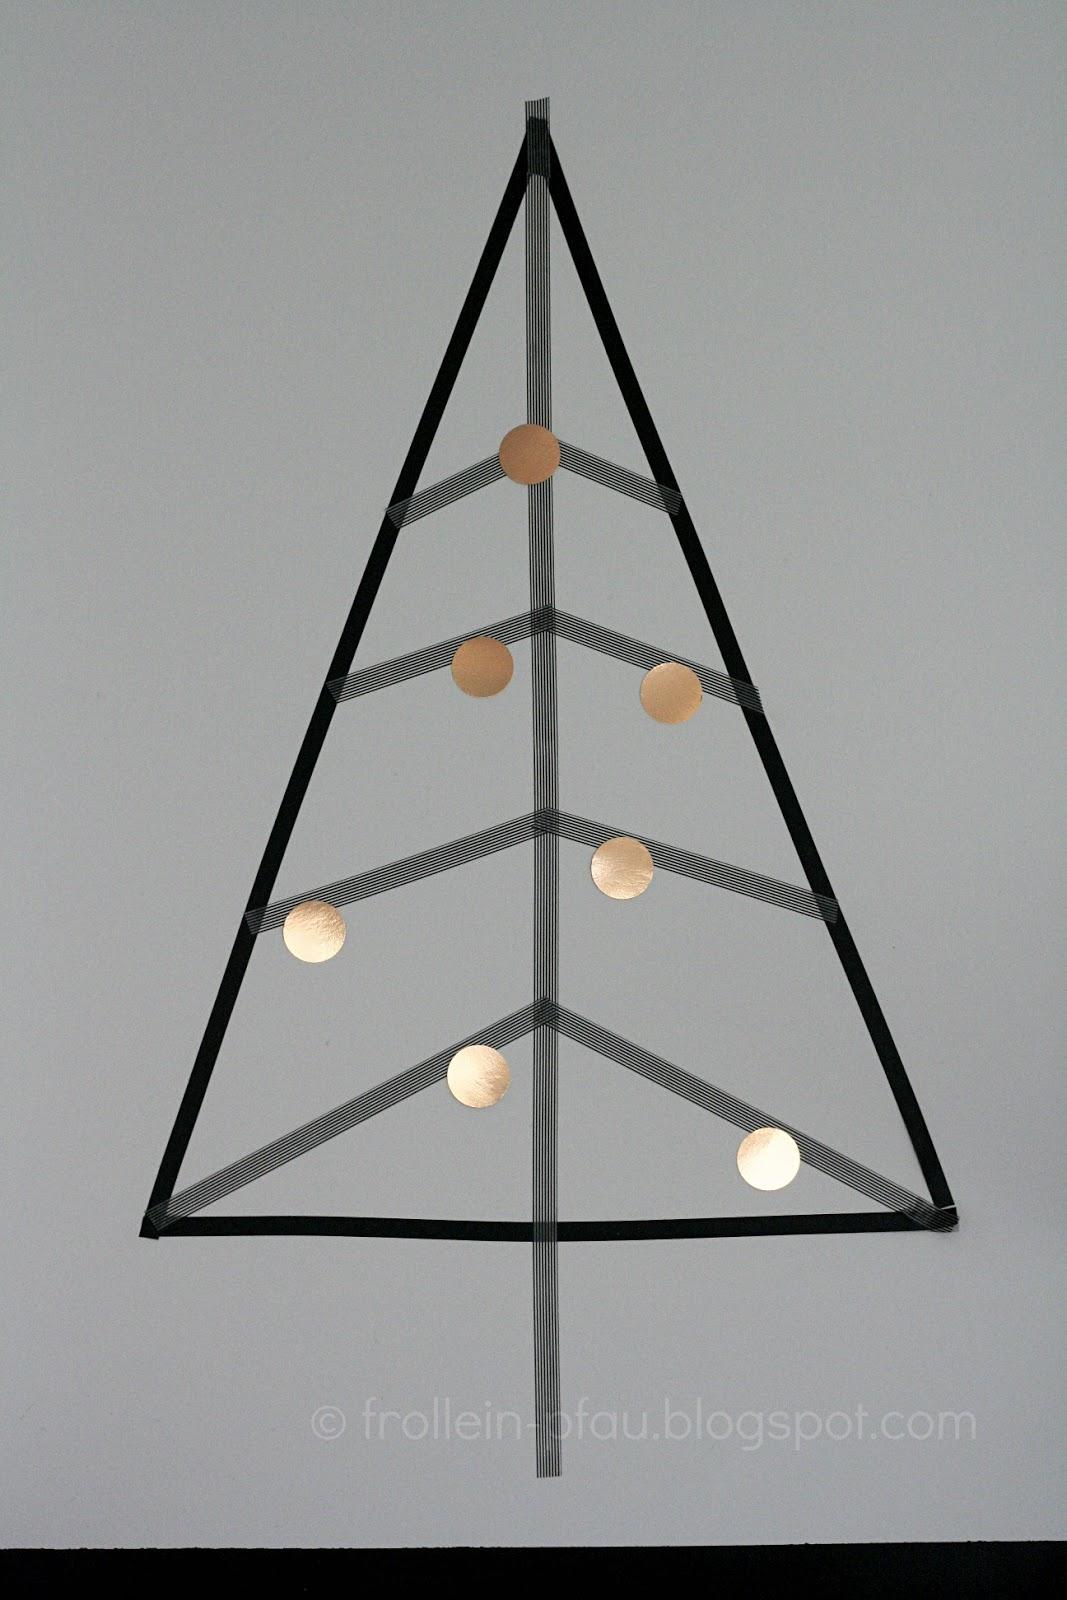 frollein pfau diy masking tape weihnachtsbaum creadienstag. Black Bedroom Furniture Sets. Home Design Ideas